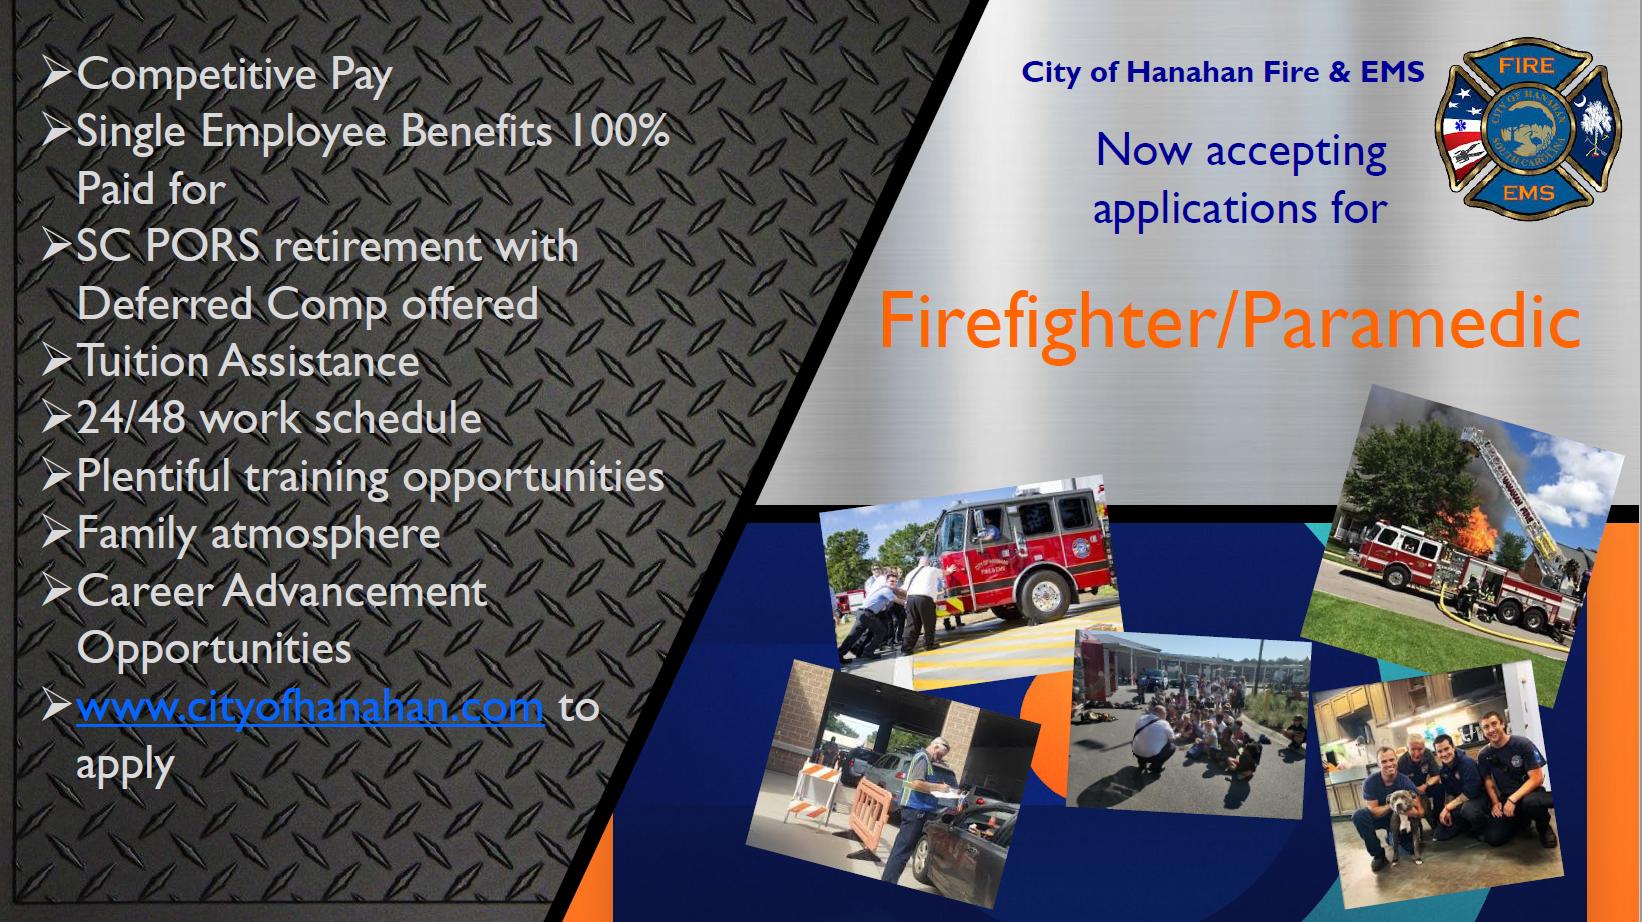 HDF is hiring